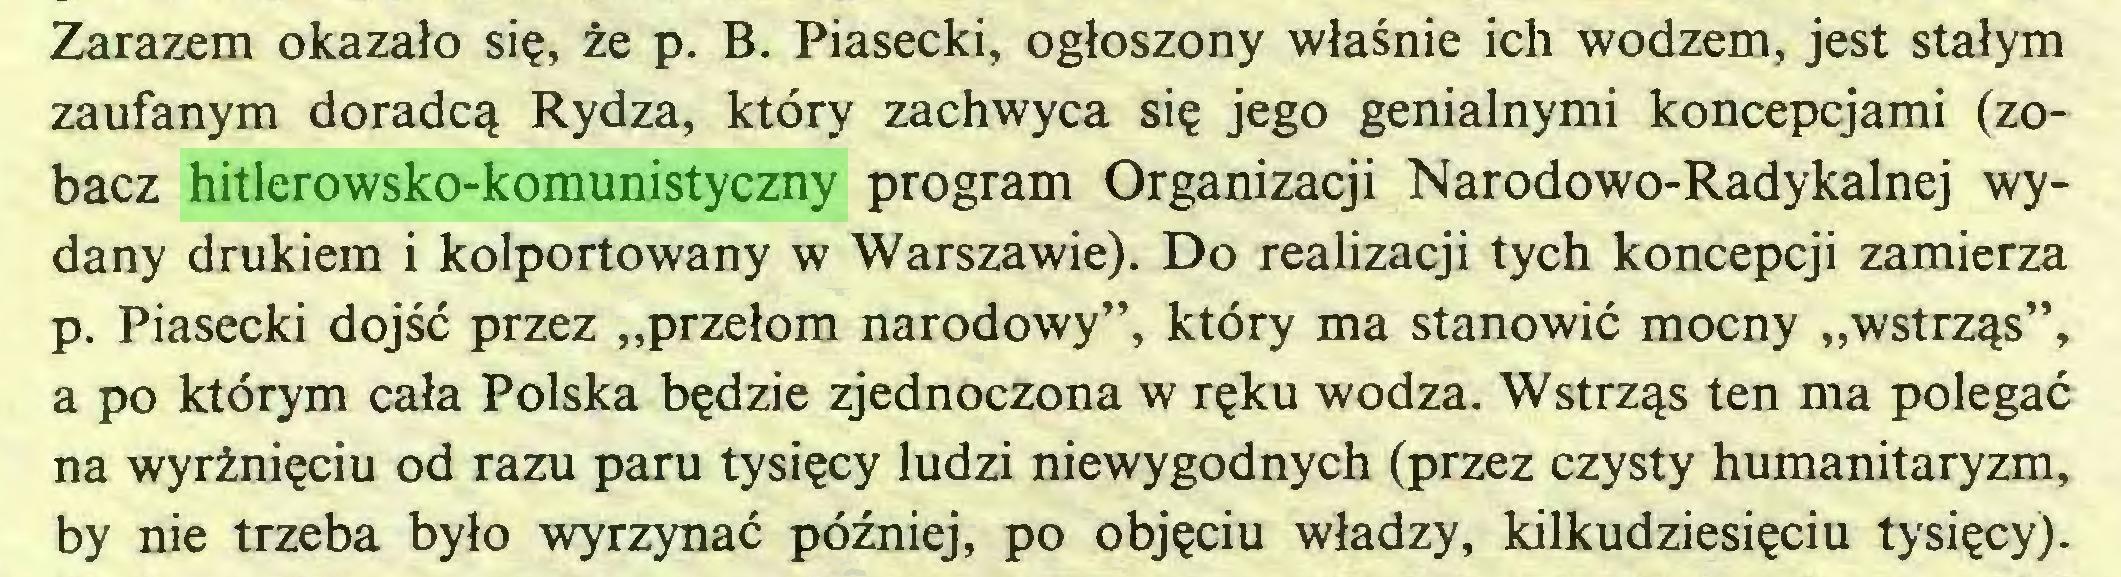 """(...) Zarazem okazało się, że p. B. Piasecki, ogłoszony właśnie ich wodzem, jest stałym zaufanym doradcą Rydza, który zachwyca się jego genialnymi koncepcjami (zobacz hitlerowsko-komunistyczny program Organizacji Narodowo-Radykalnej wydany drukiem i kolportowany w Warszawie). Do realizacji tych koncepcji zamierza p. Piasecki dojść przez """"przełom narodowy"""", który ma stanowić mocny """"wstrząs"""", a po którym cała Polska będzie zjednoczona w ręku wodza. Wstrząs ten ma polegać na wyrżnięciu od razu paru tysięcy ludzi niewygodnych (przez czysty humanitaryzm, by nie trzeba było wyrzynać później, po objęciu władzy, kilkudziesięciu tysięcy)..."""